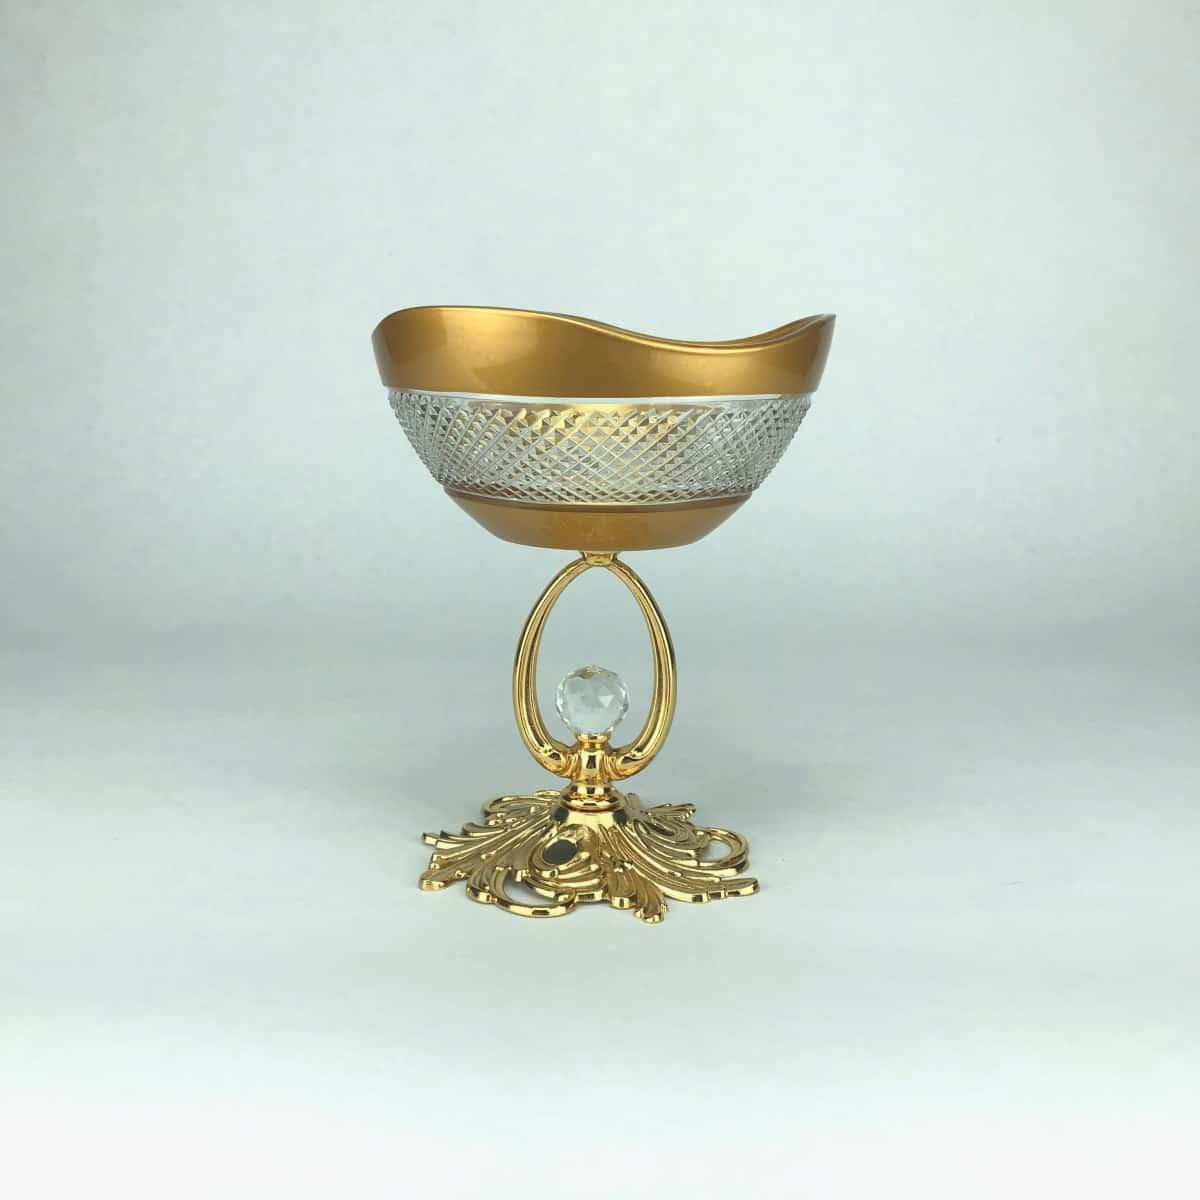 Креманка 12см.Barok YH золотая волнистая